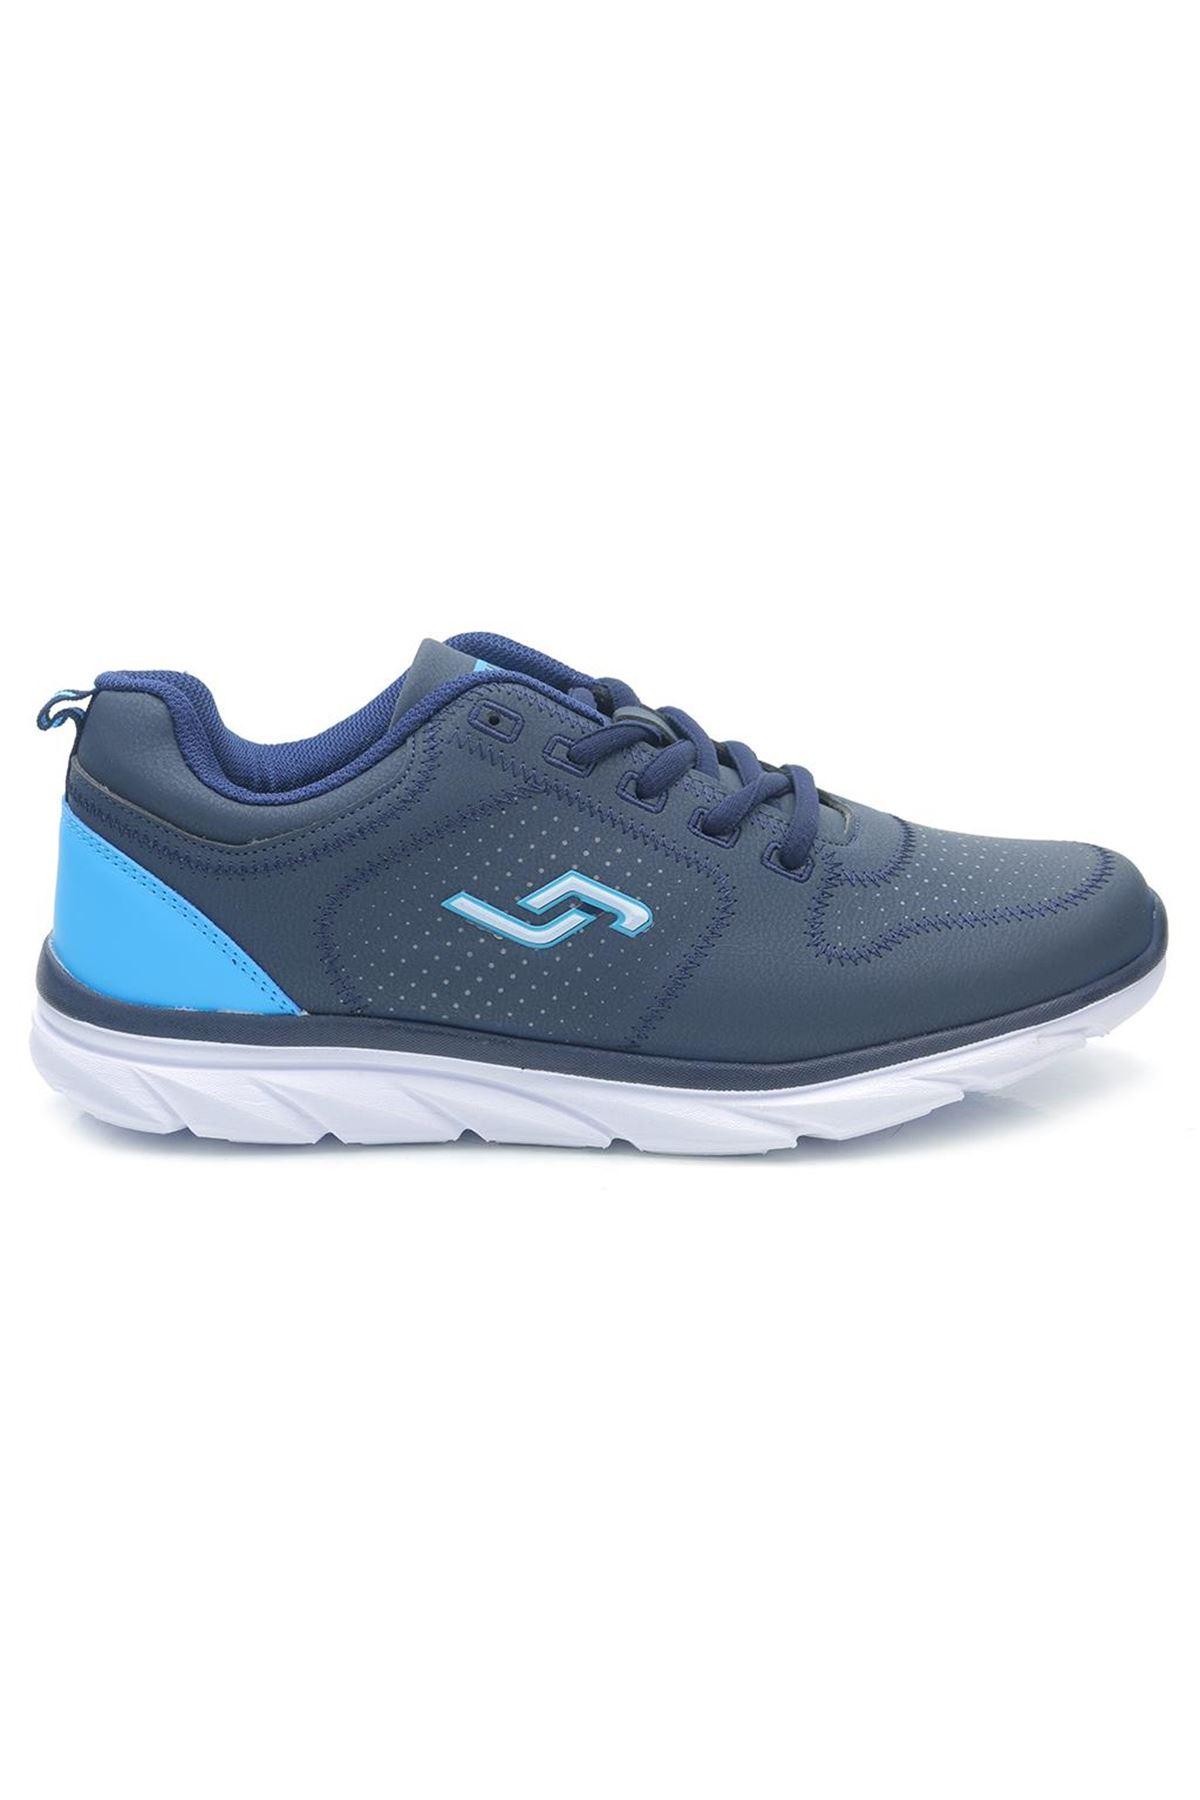 Jump Walking Günlük Kadın Spor Ayakkabı